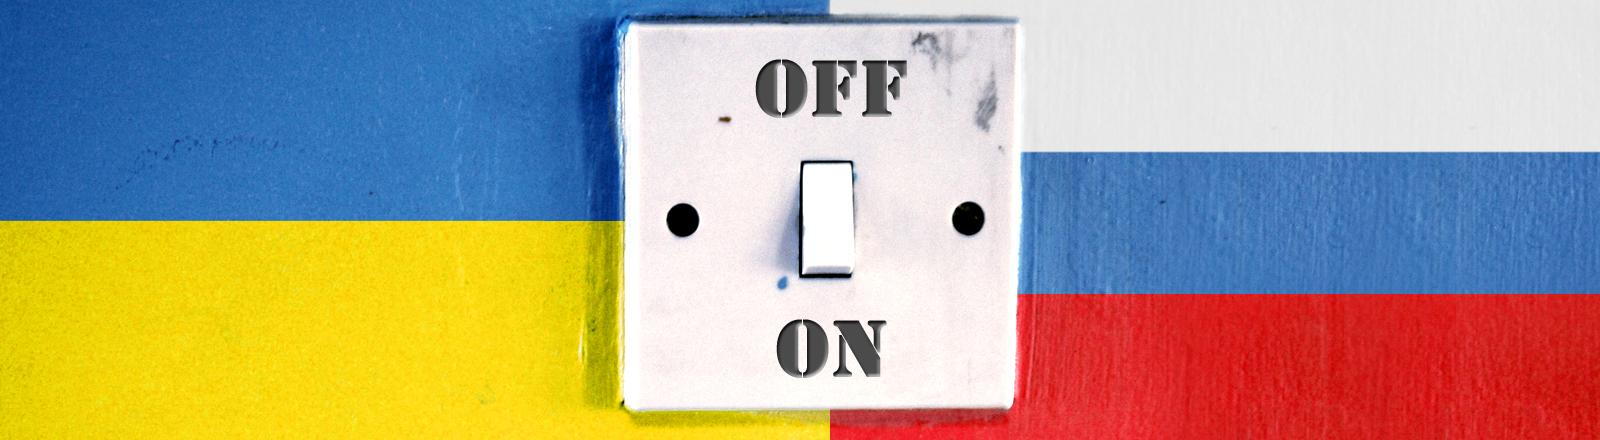 Auf eine Wand sind die Flaggen von Ukraine und Russland gemalt, auf der Wand ist ein Lichtschalter in Off-Stellung